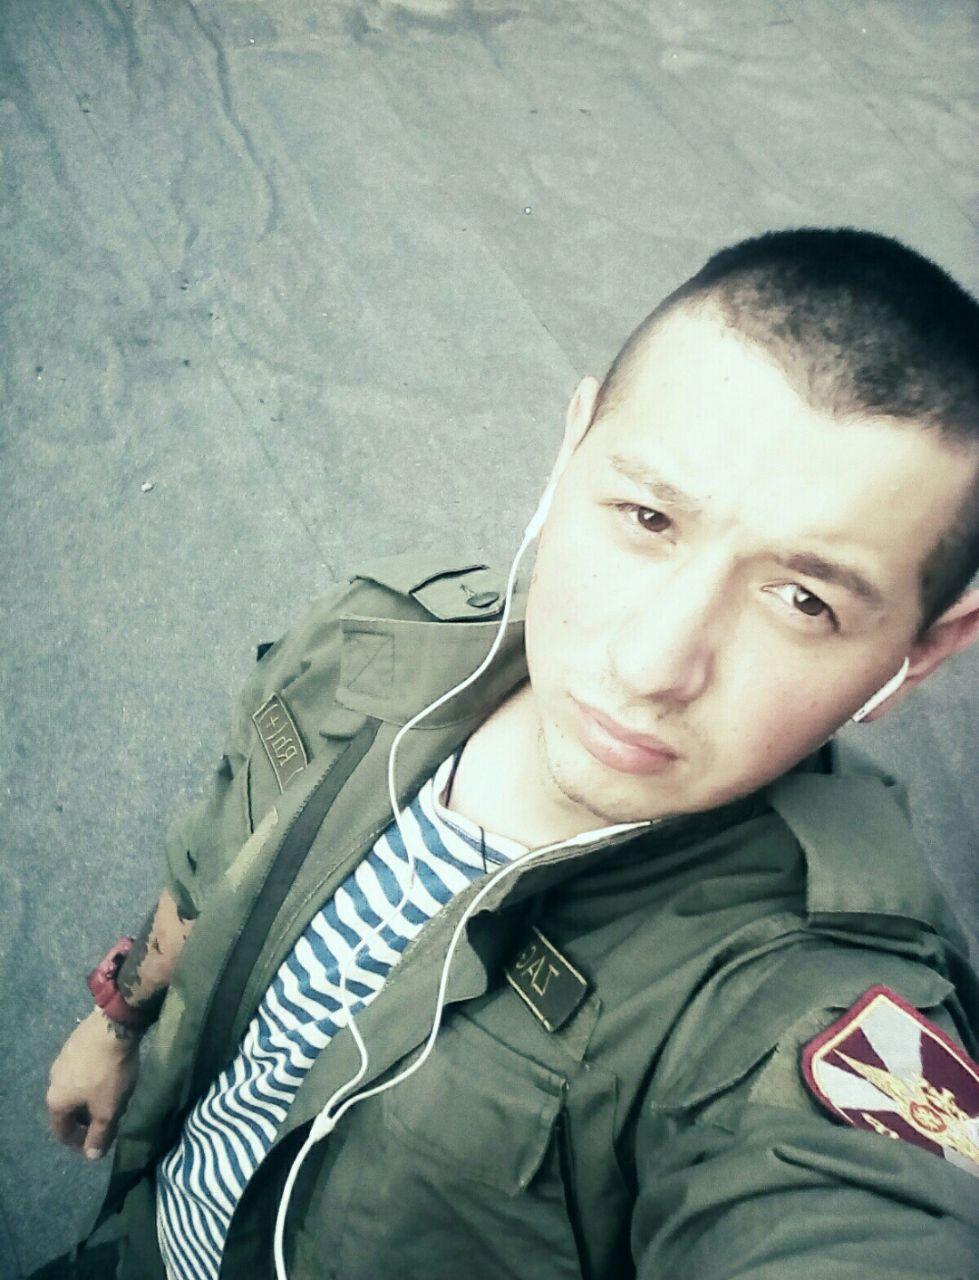 На Донбассе ликвидирован очередной террорист «ЛНР»: опубликовано фото